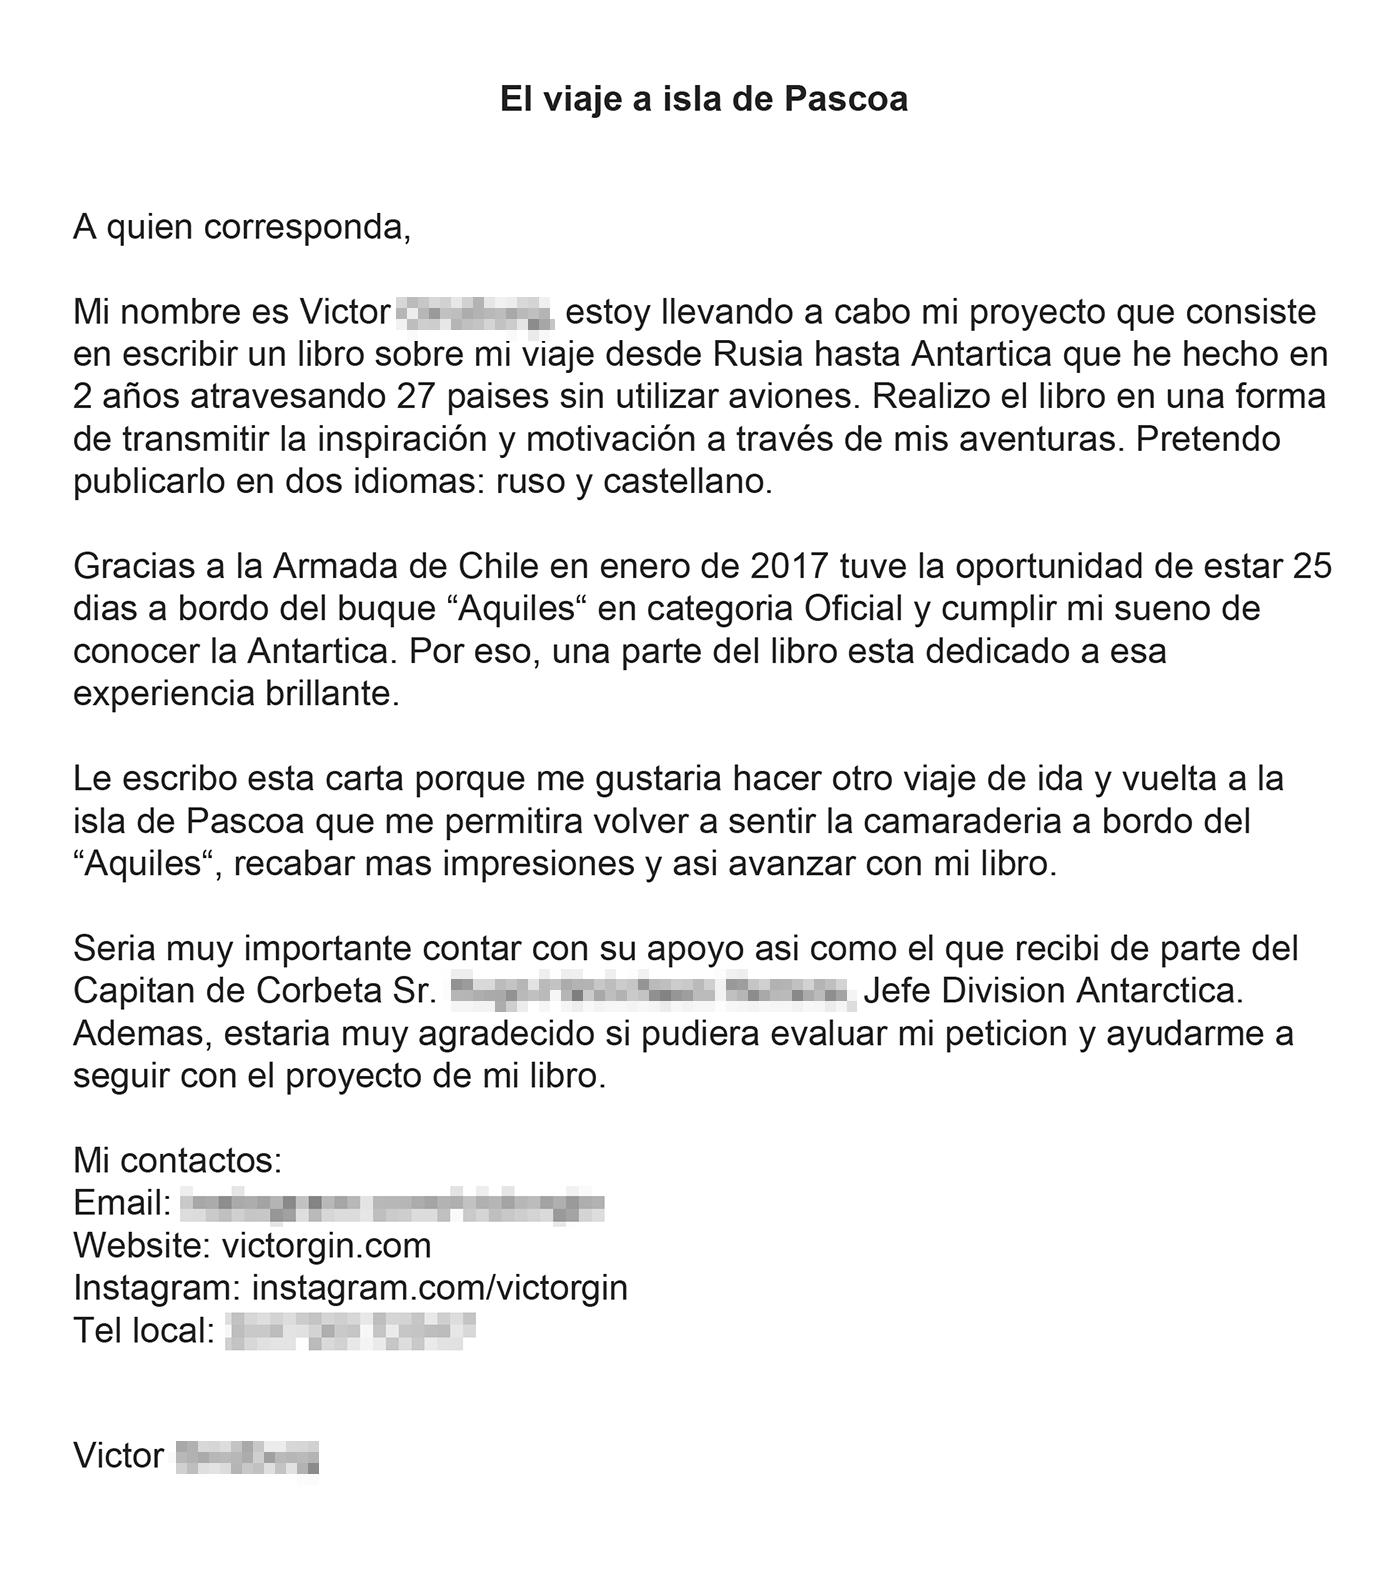 Письмо, которое я написал в адмиралтейство Чили, чтобы попасть на военный корабль до острова Пасхи